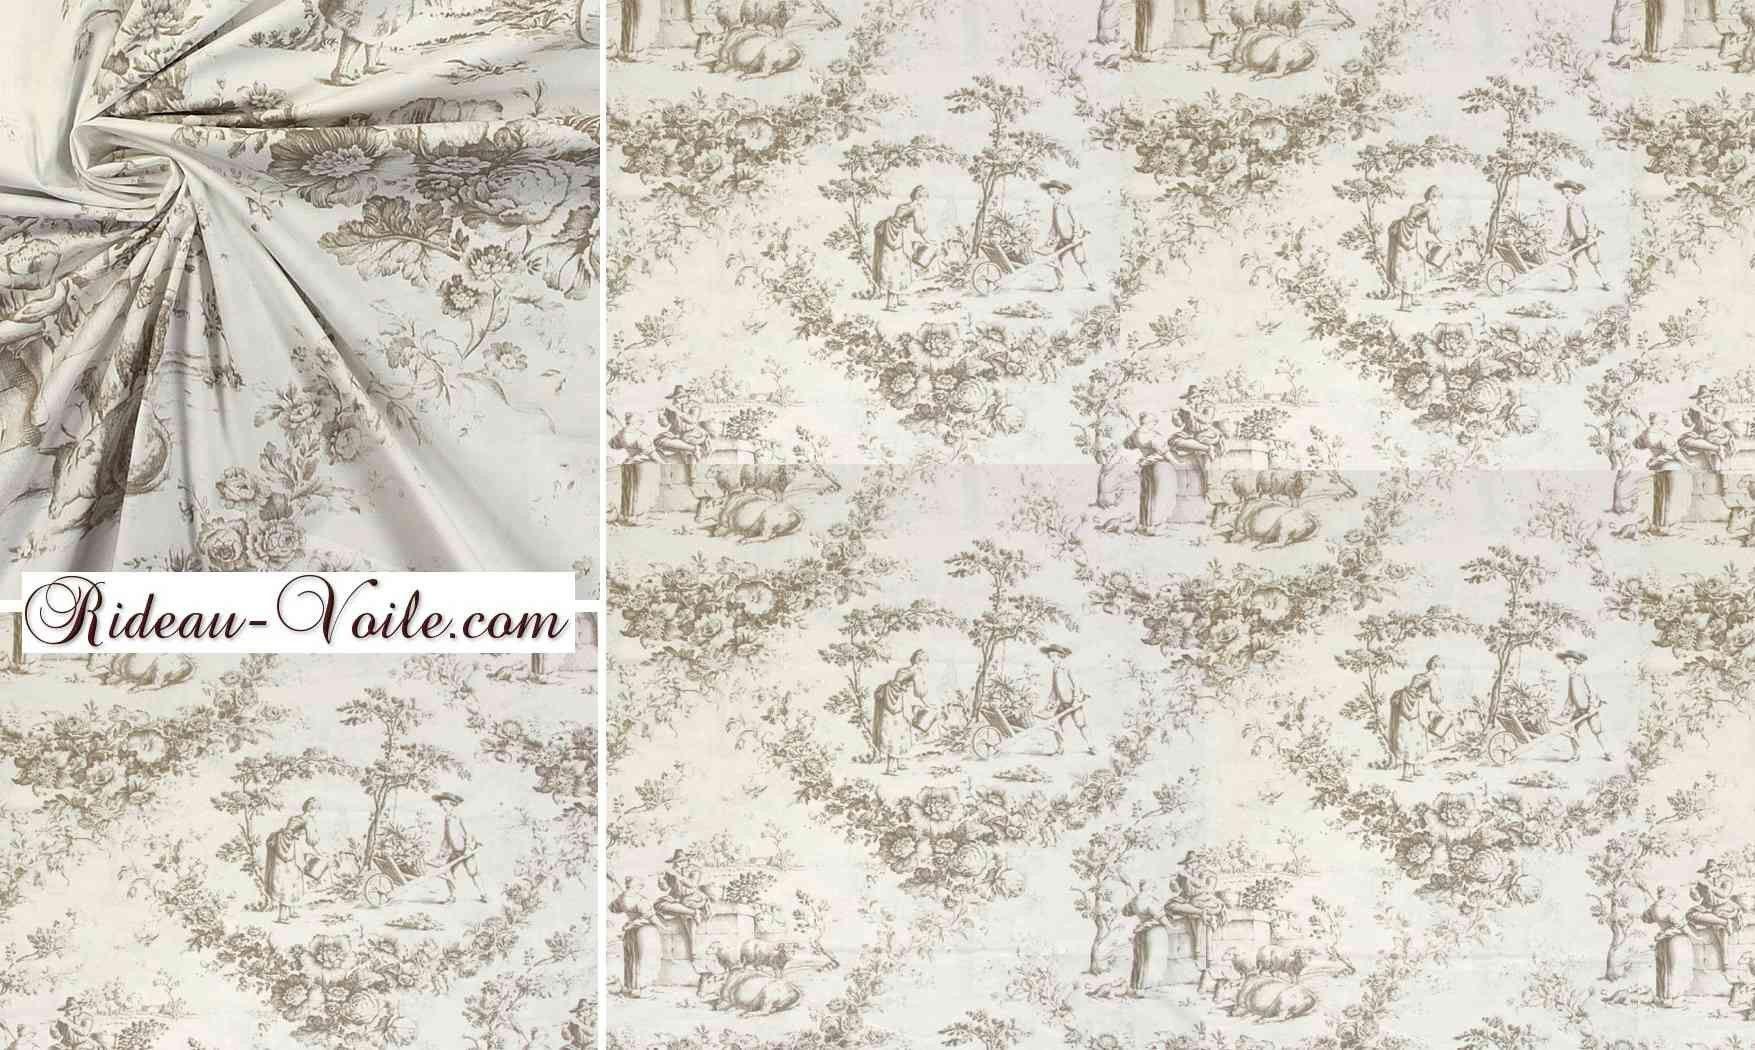 toile de jouy textile d coration rideau d coration rideau curtain eyelets drapes vorhang. Black Bedroom Furniture Sets. Home Design Ideas